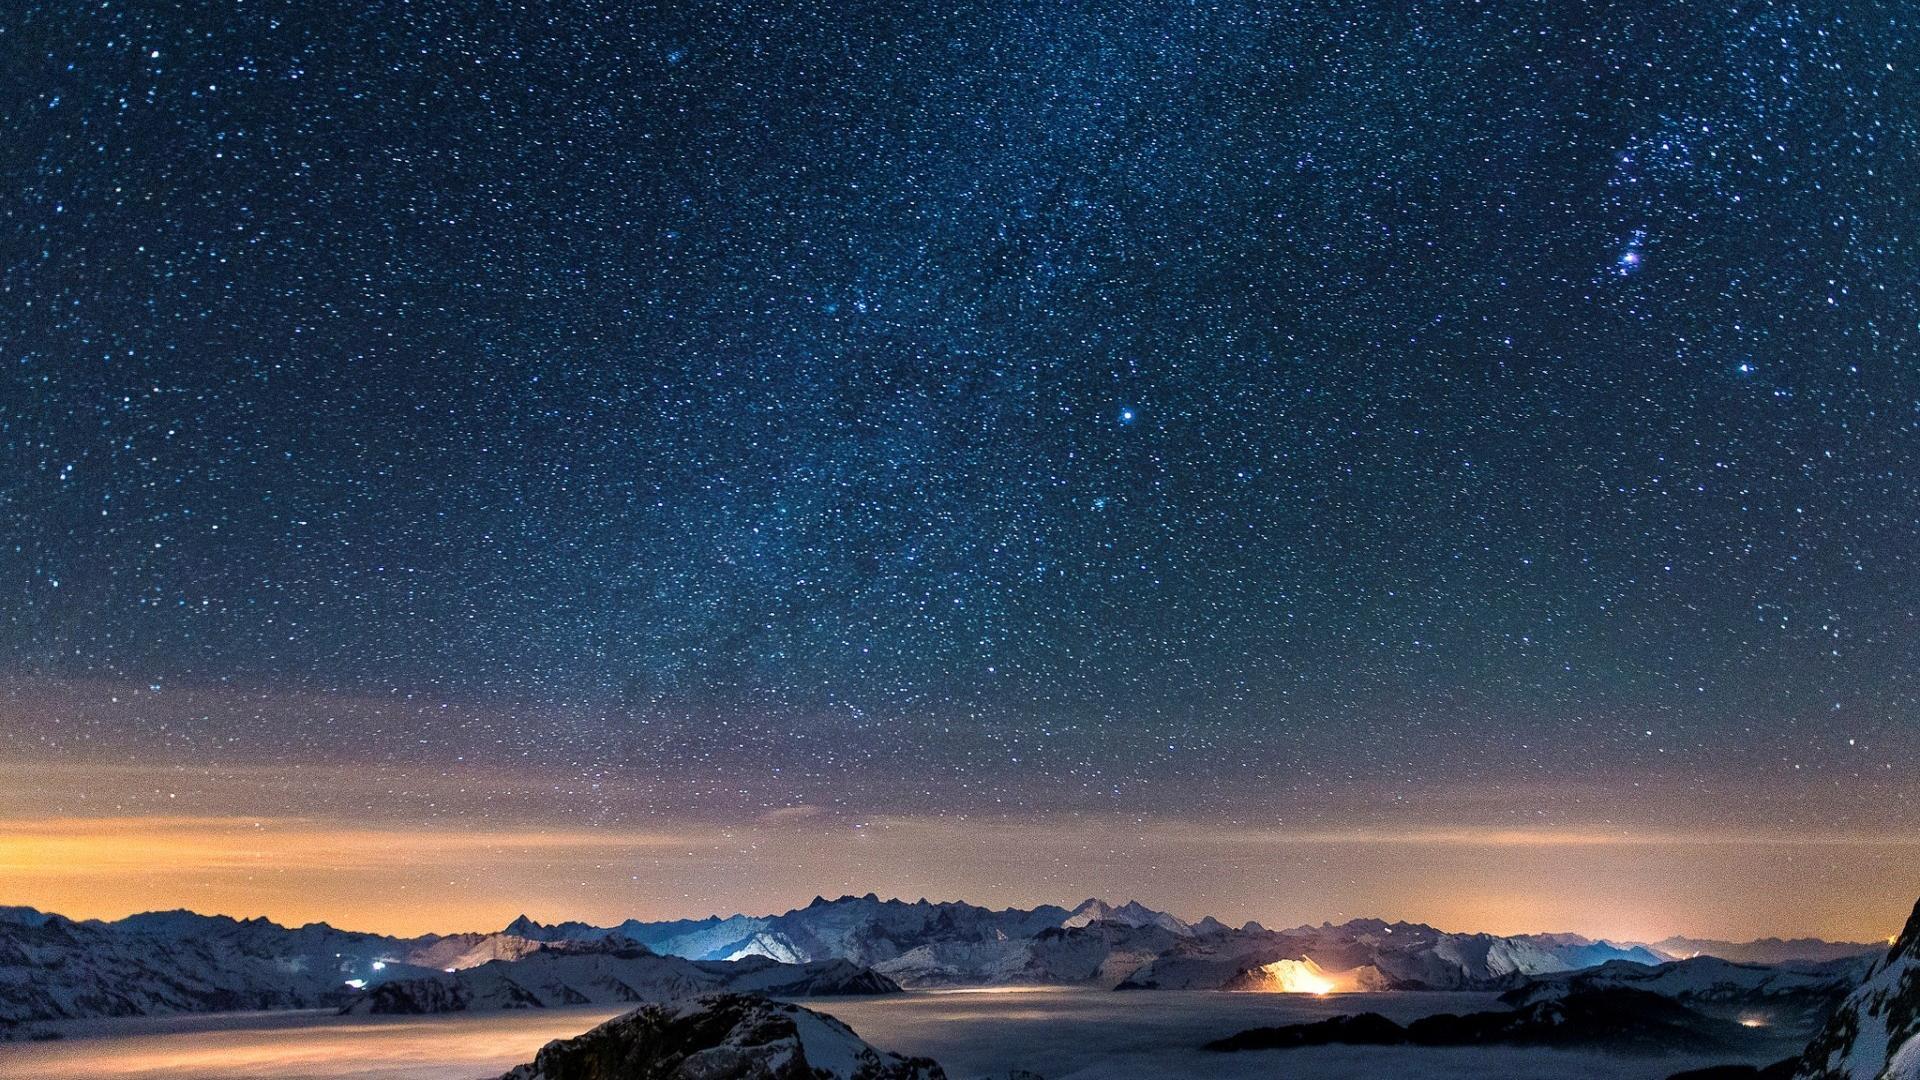 Snow stars wall night sky wallpaper 59391 1920x1080